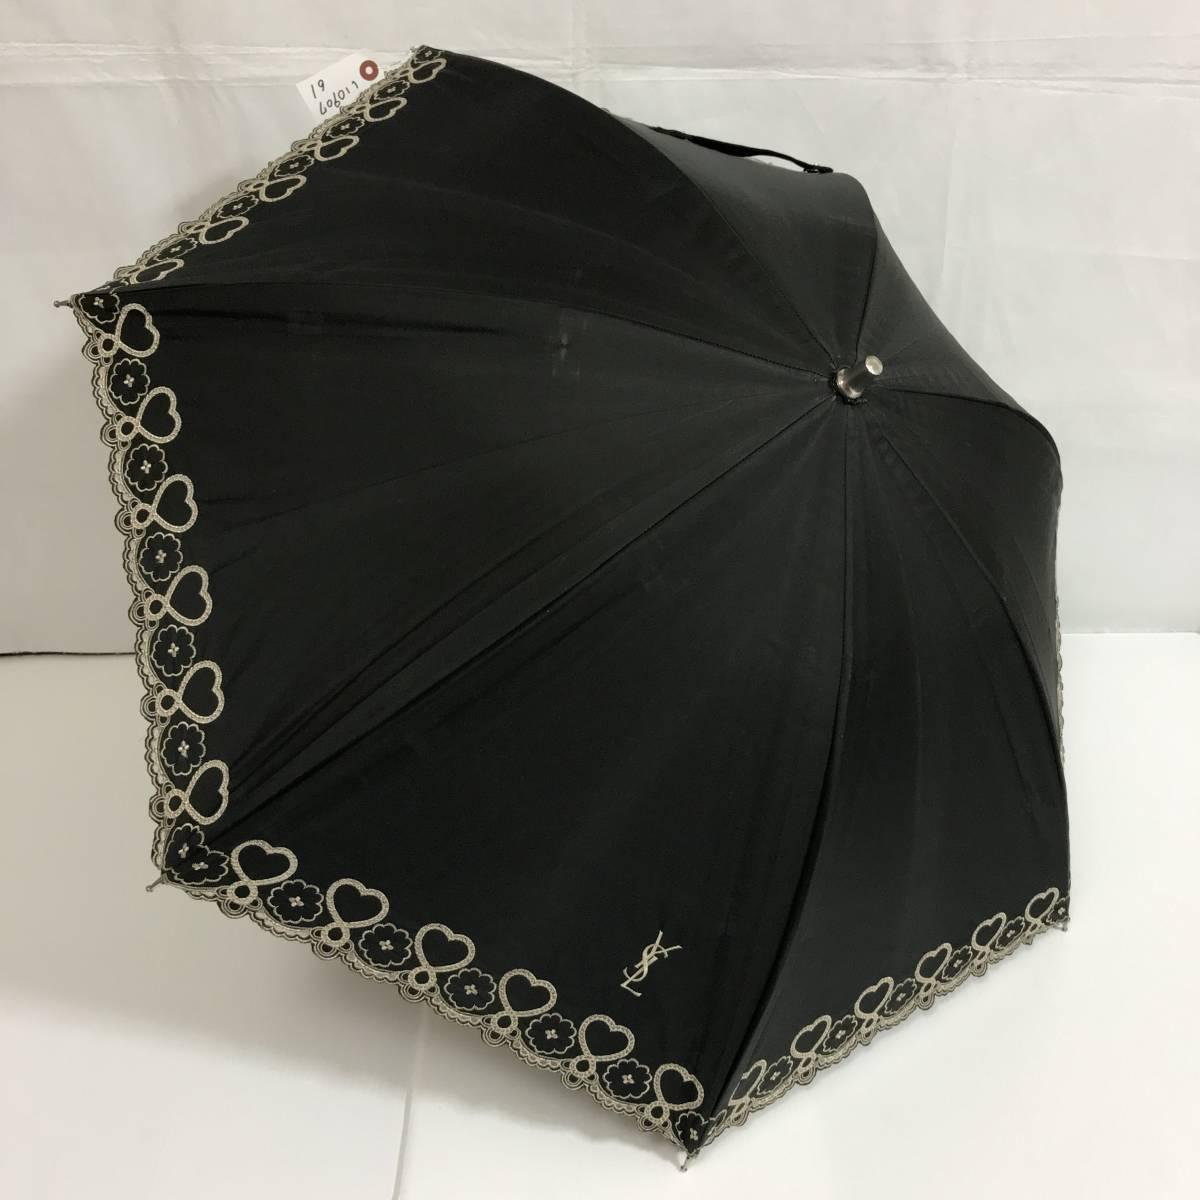 い090761 中古 YVES SAINT LAURENT イヴサンローラン AURORA オーロラ 晴雨兼用 雨傘 日傘 長傘 サマーシールド 女性用